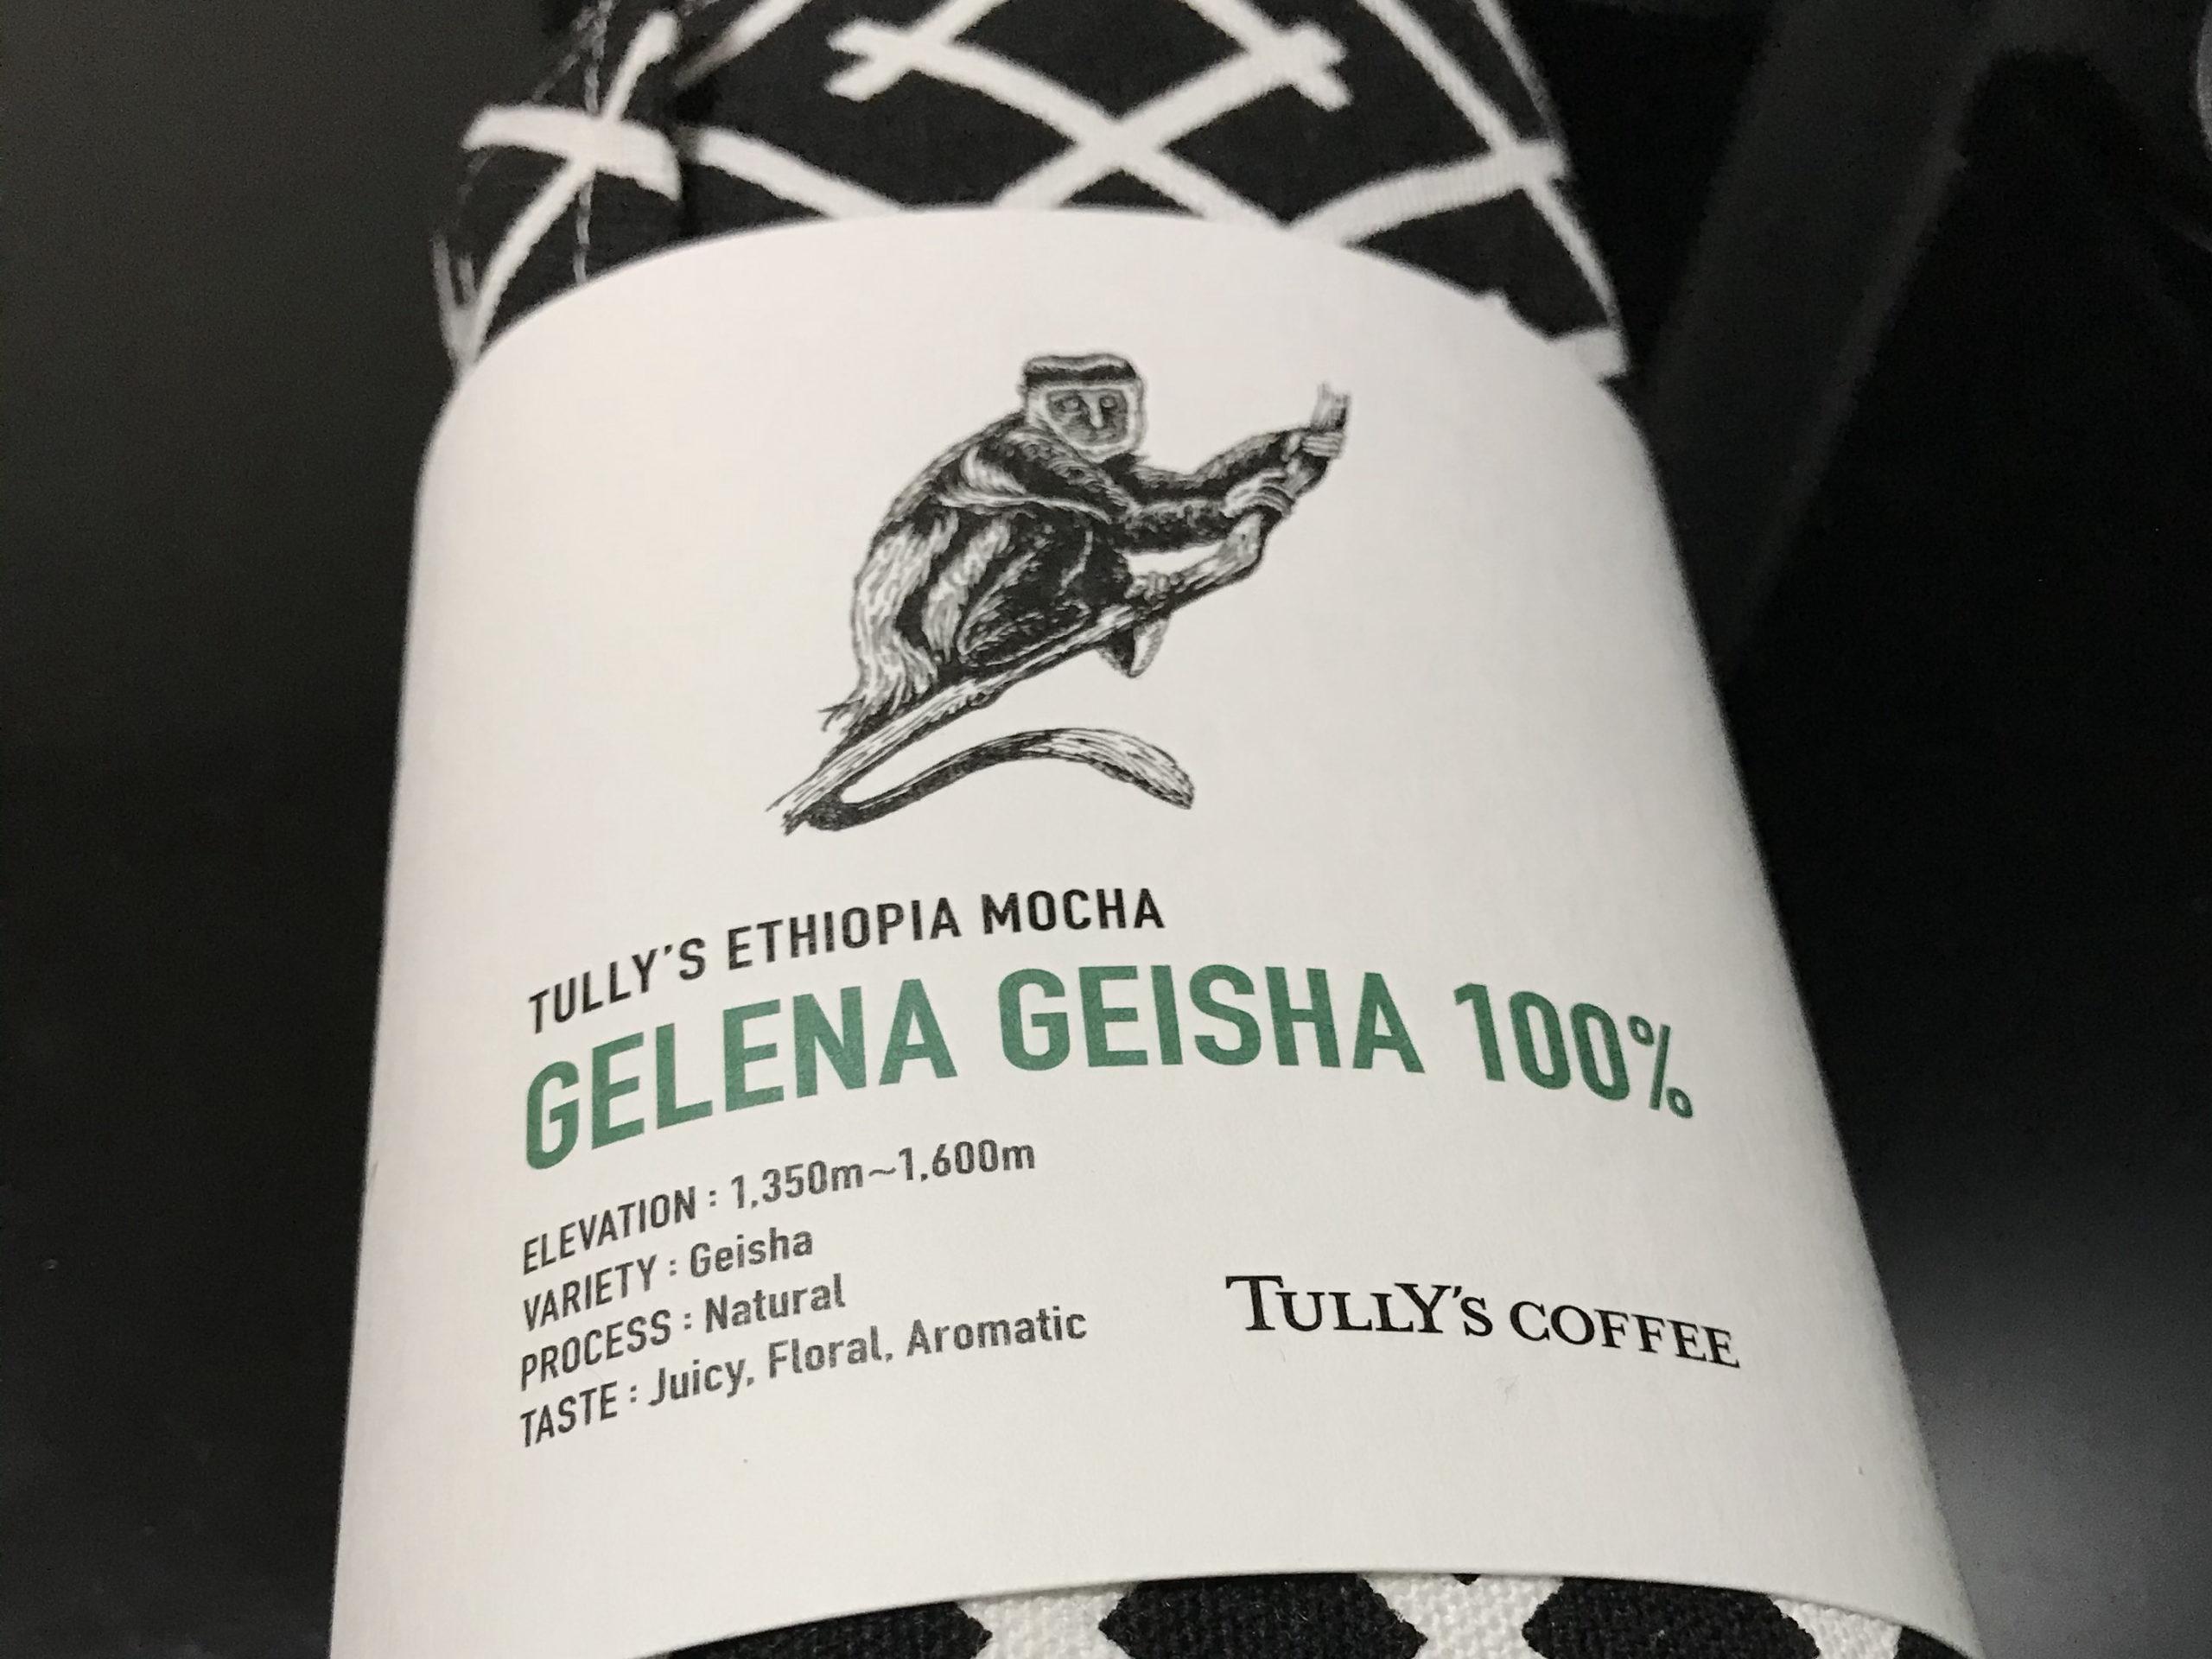 タリーズ エチオピア ゲイシャ豆